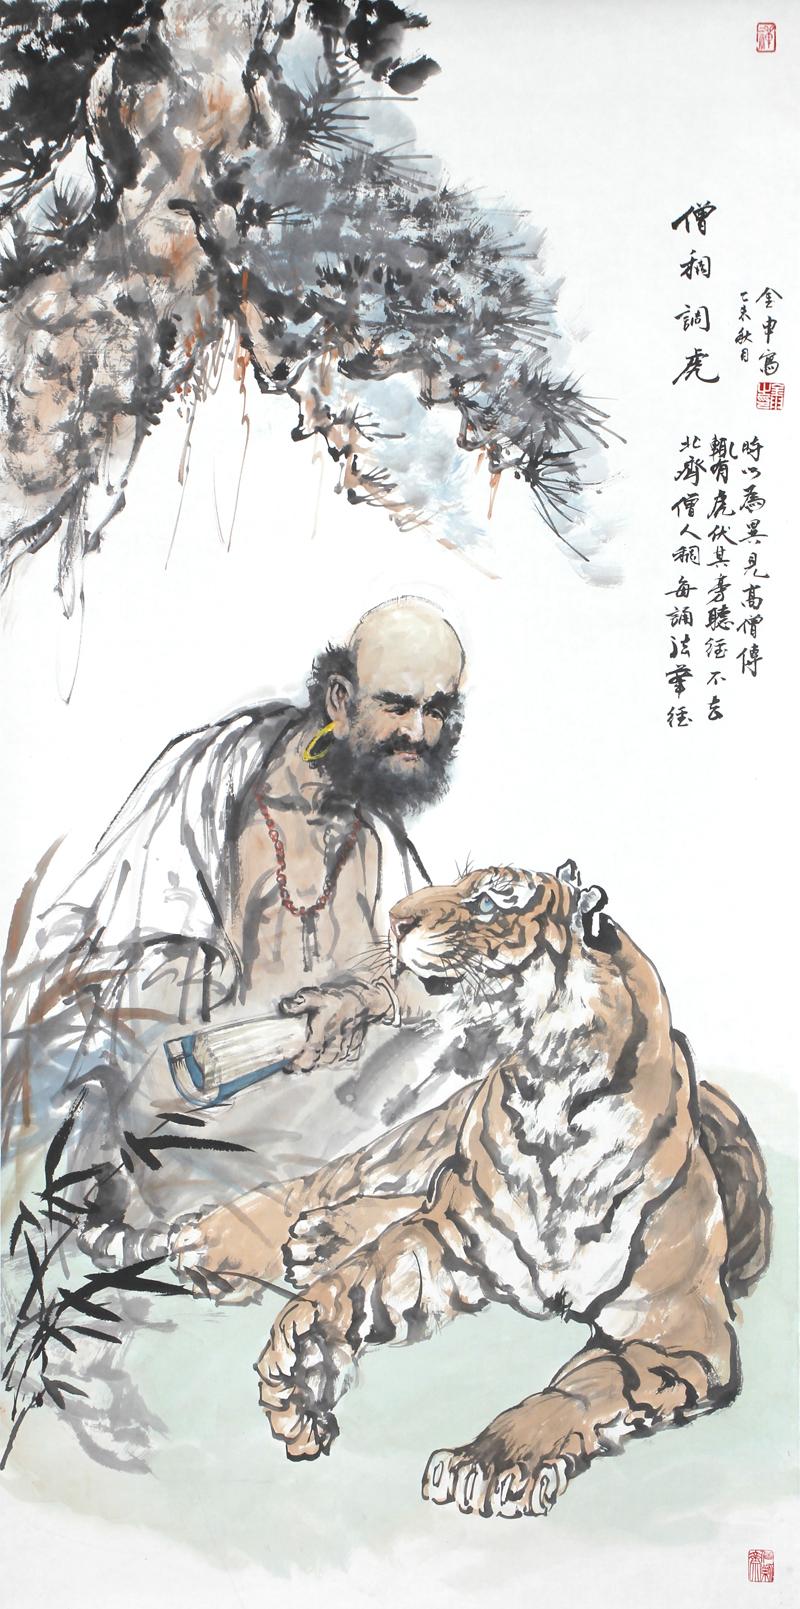 一代宗师 金申国画艺术研讨会 在太原举行